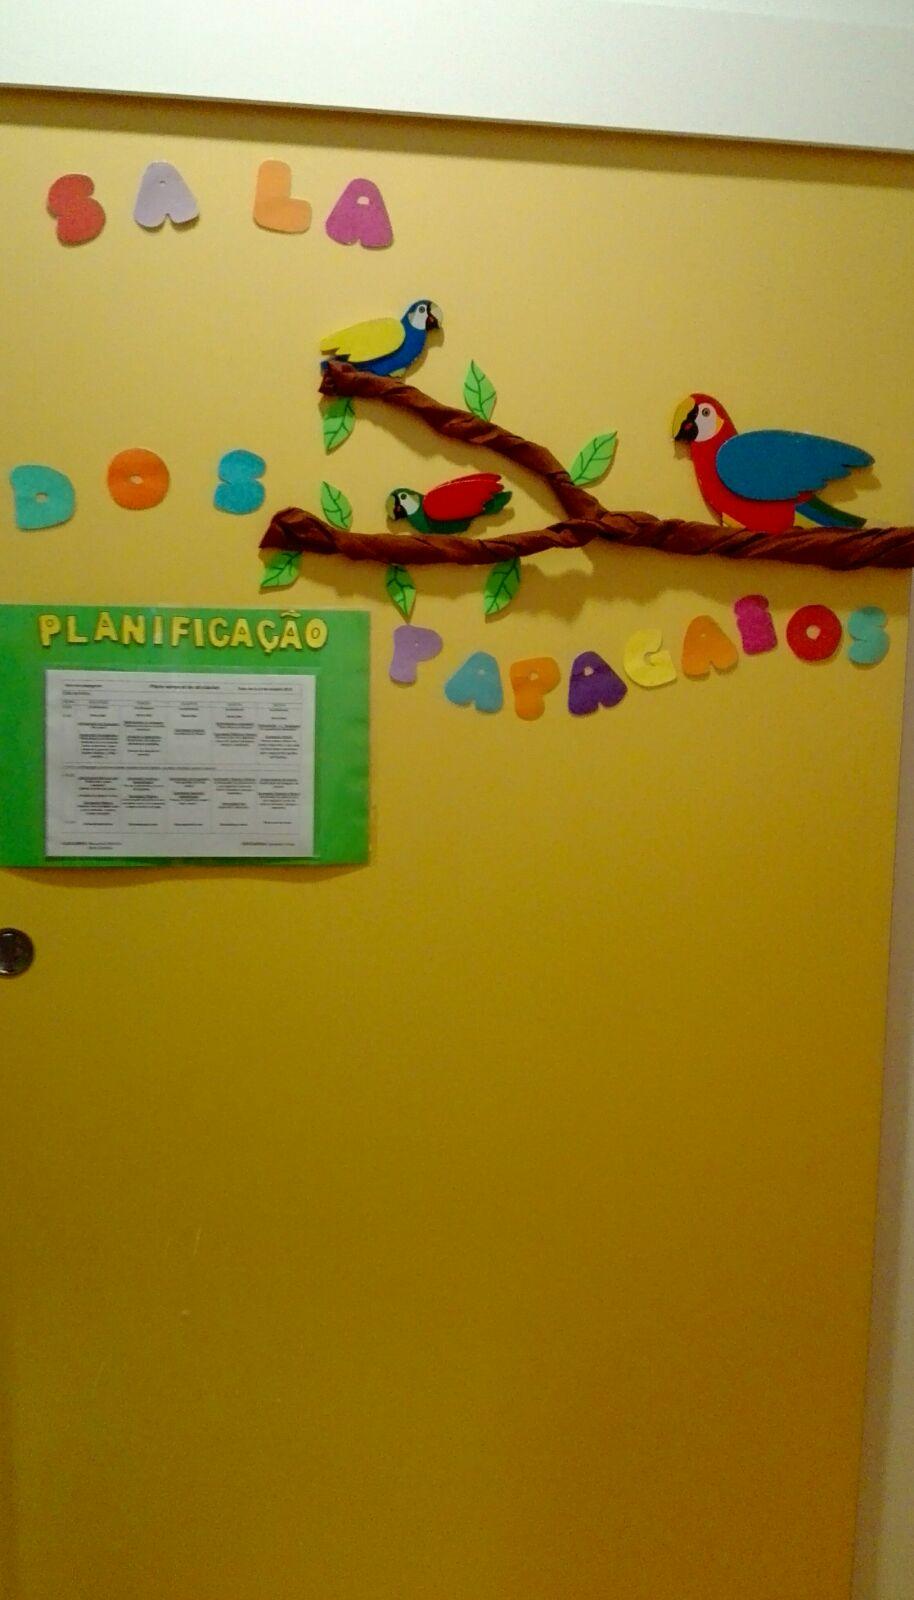 Sala dos papagaios - Sala de 1 ano